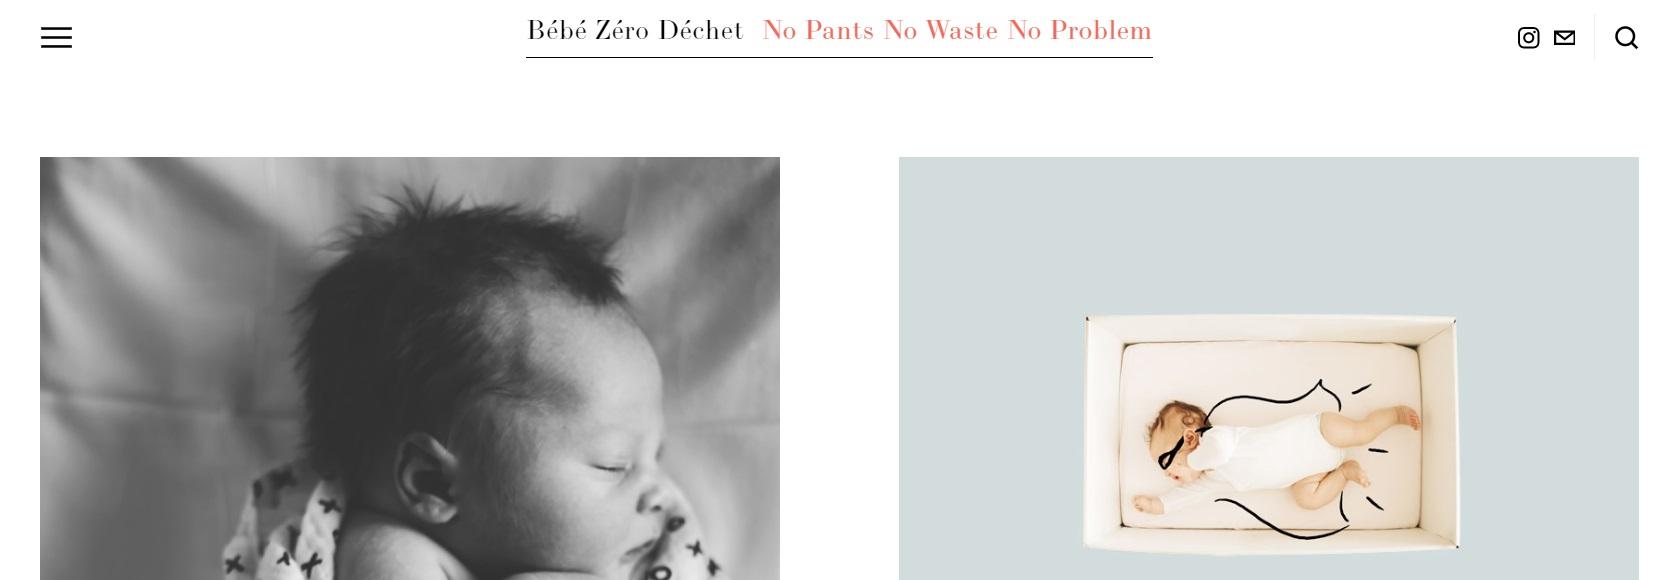 bébé zéro déchet parle d'ecomome